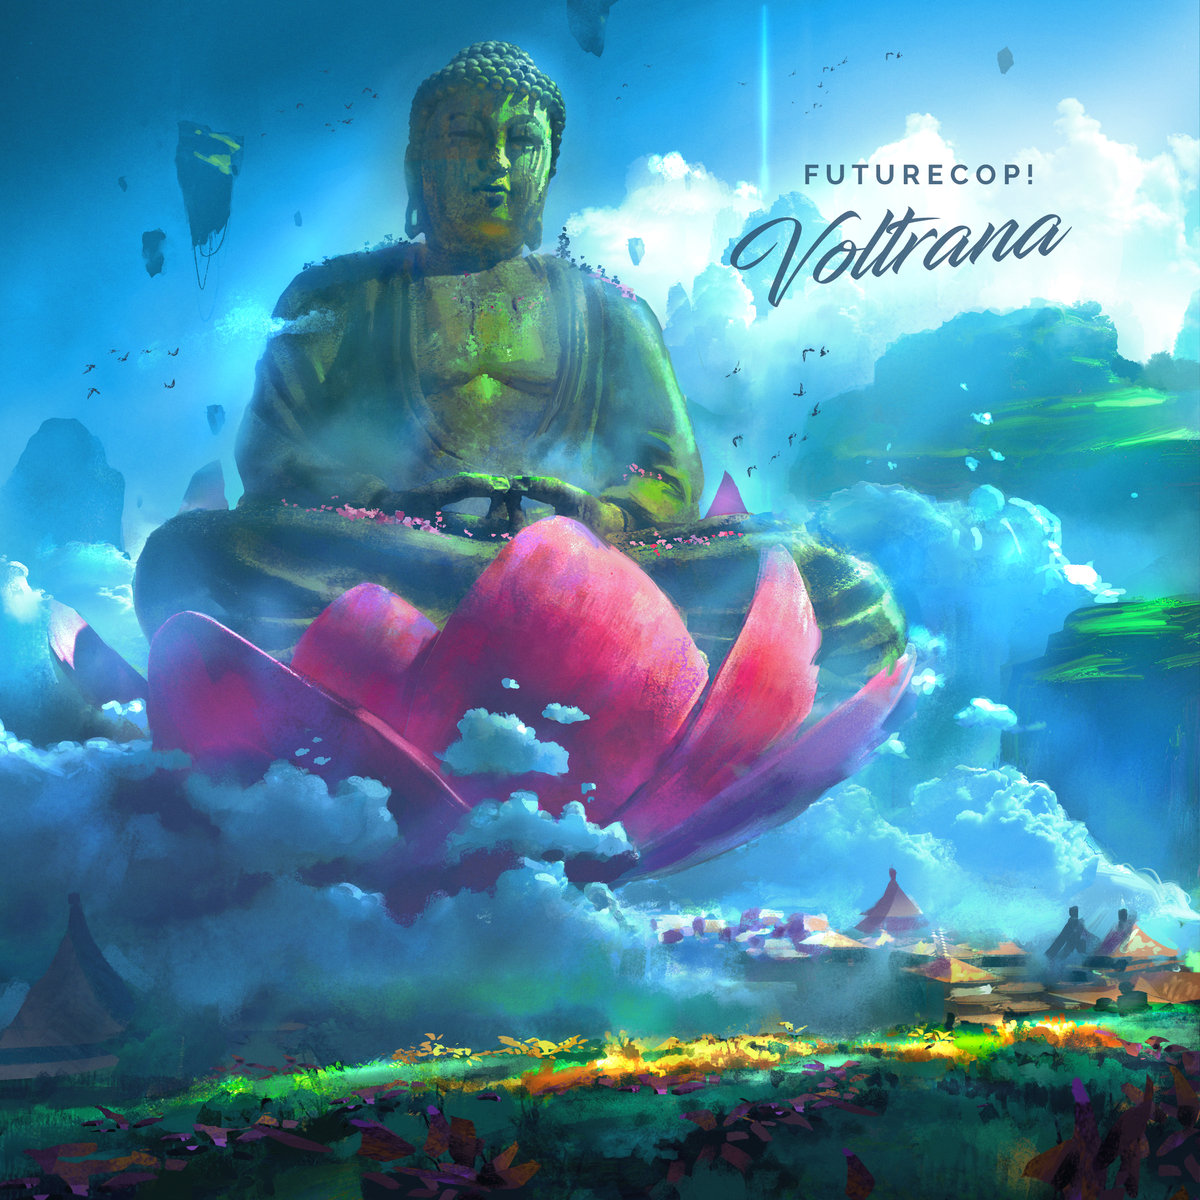 a2175085903 10 1 - Futurecop! - Voltrana